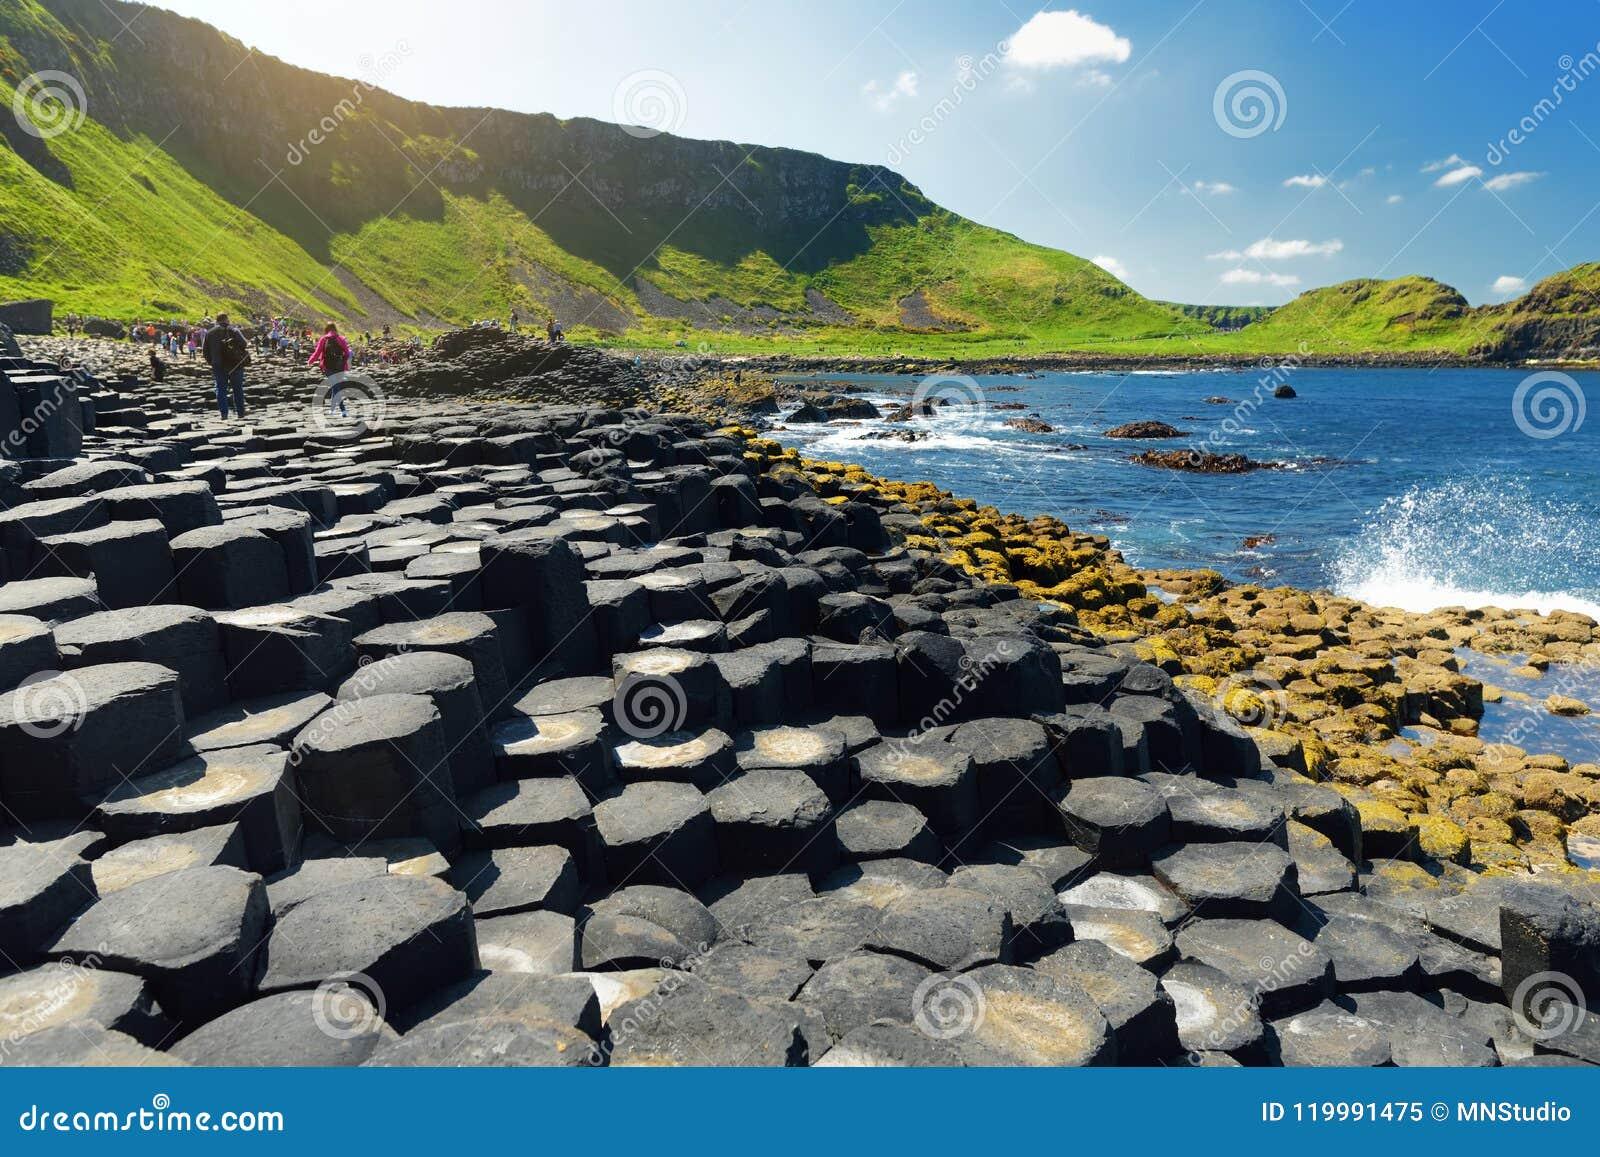 Giants-Damm, ein Bereich von sechseckigen Basaltsteinen, geschaffen durch alte vulkanische Spalteruption, Grafschaft Antrim, Nord